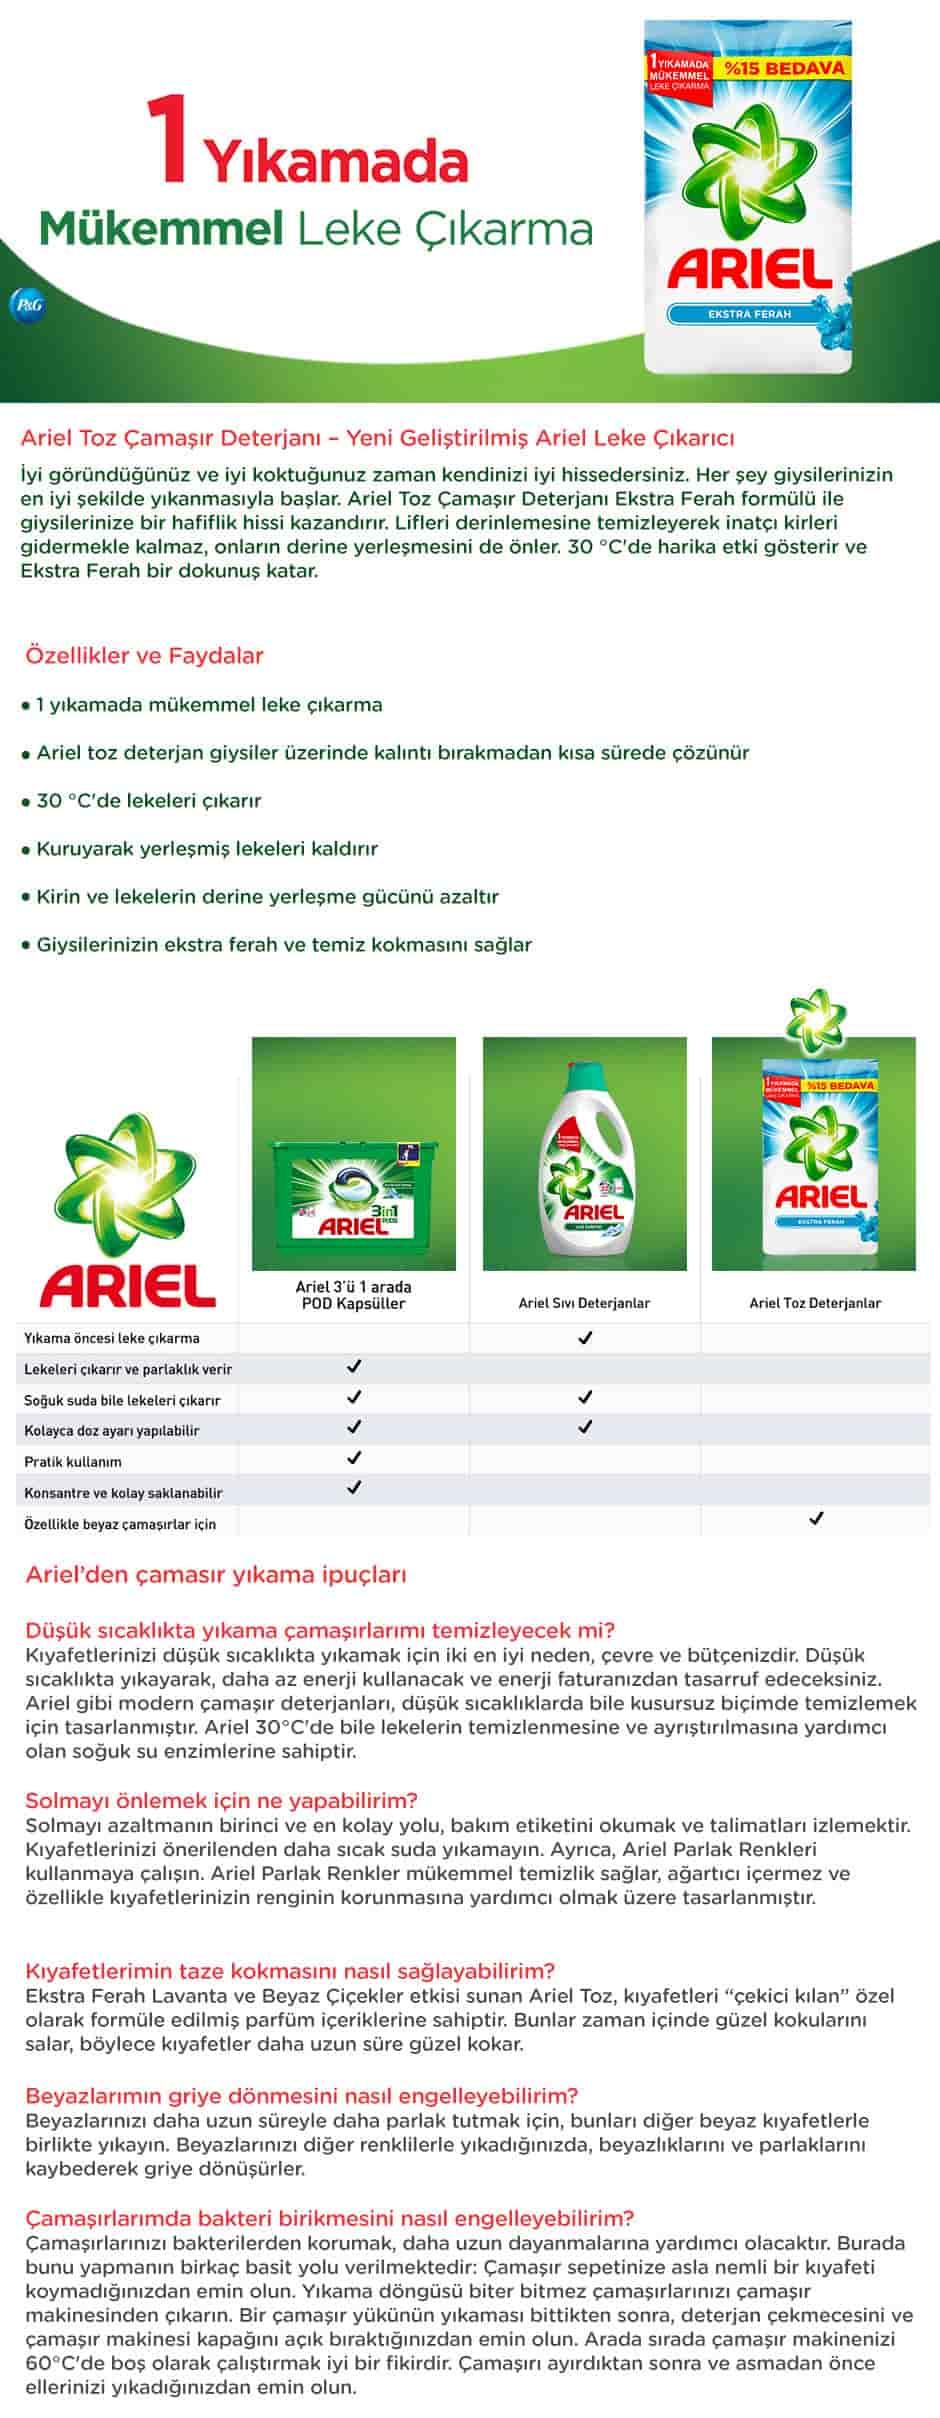 Ariel Toz Çamaşır Deterjanı Ekstra Ferah